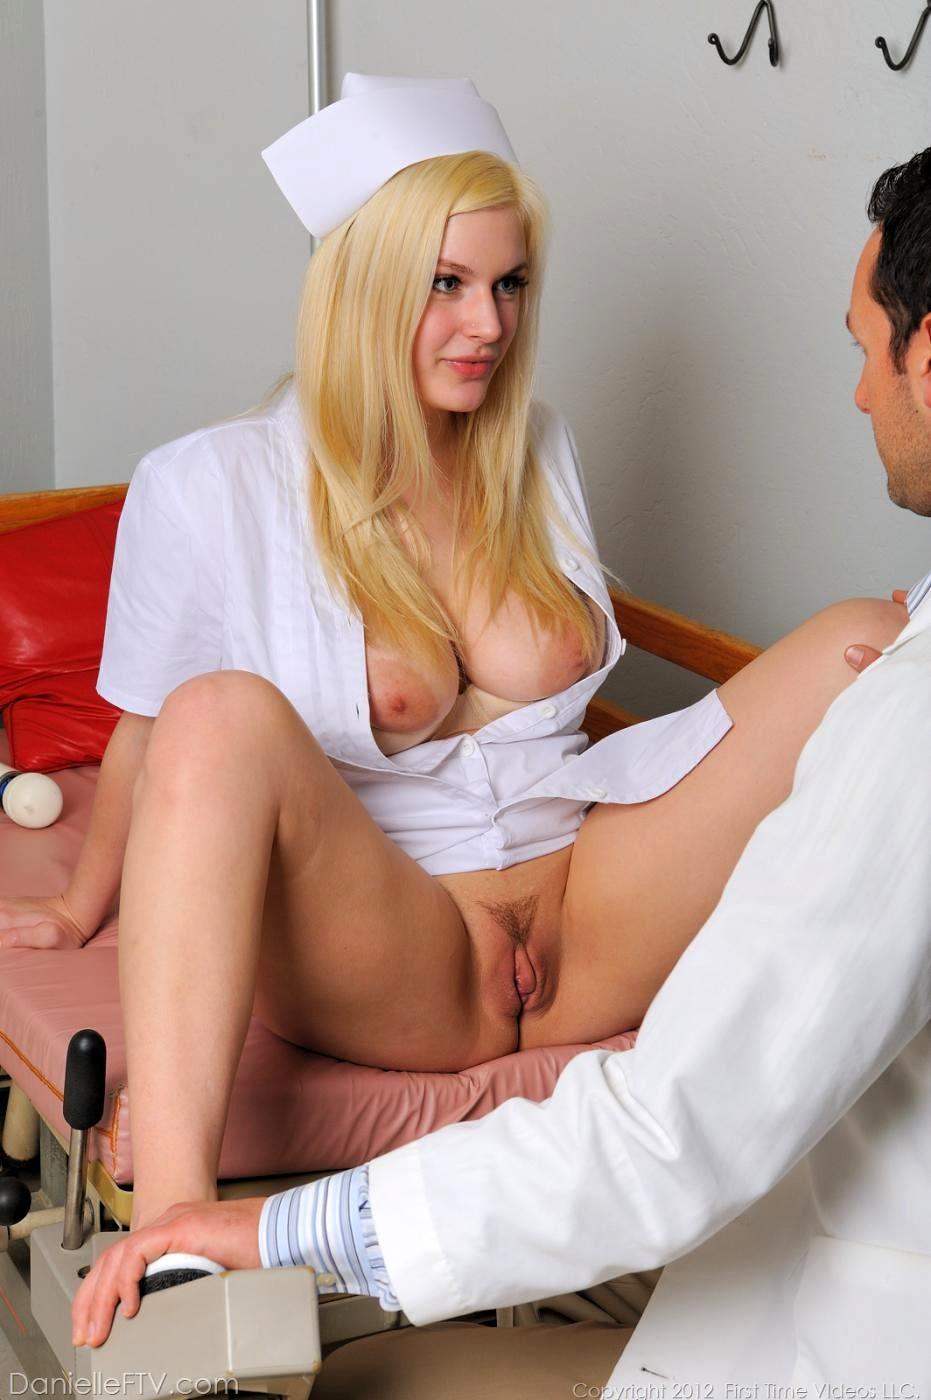 Doctor fucked nurse nude